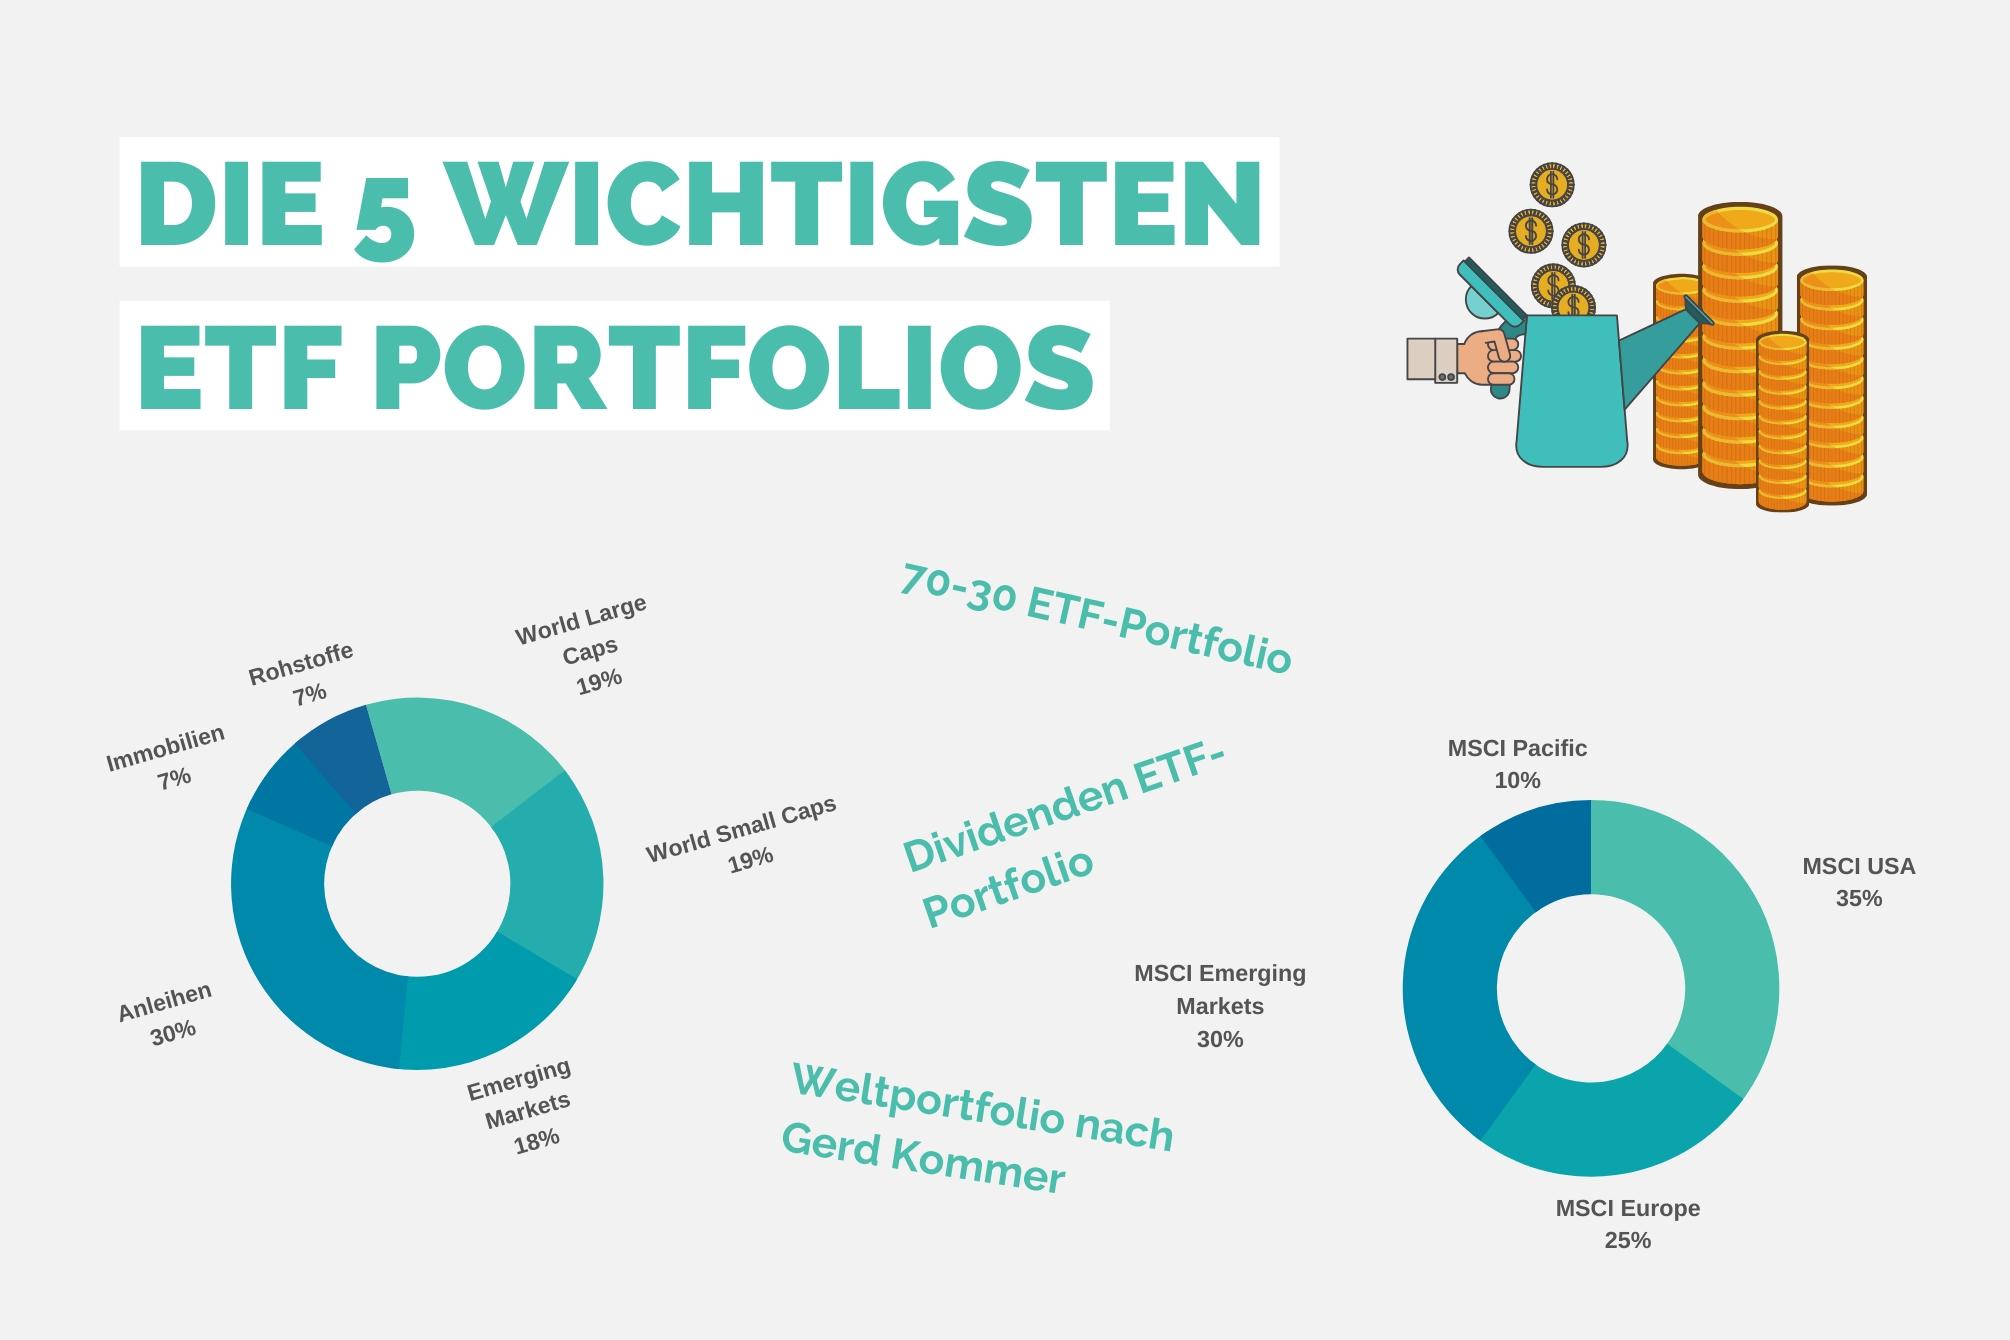 ETF Portfolios